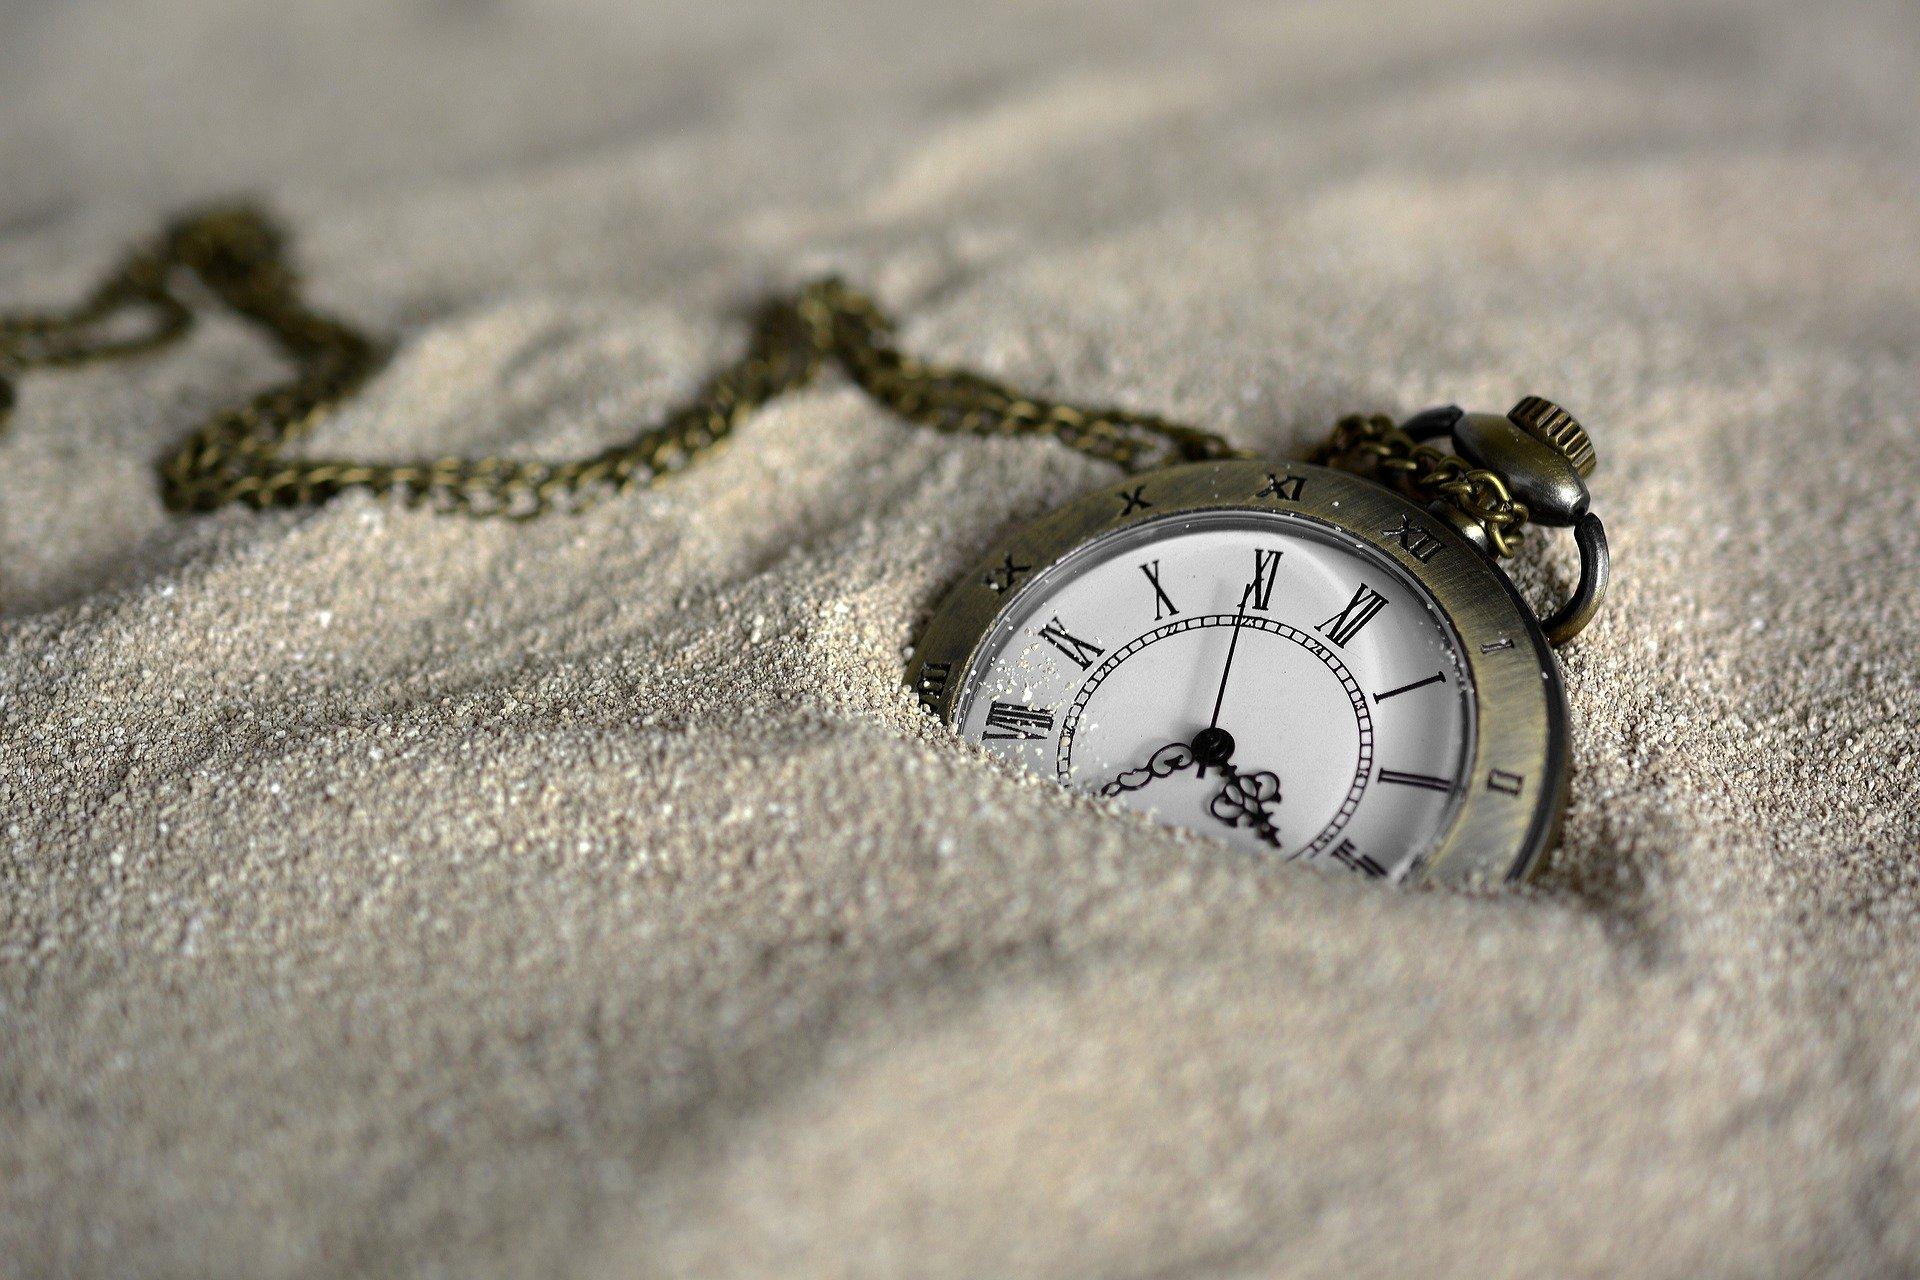 Et si savoir profiter de son temps était le privilège offert par l'expérience de la vie ?